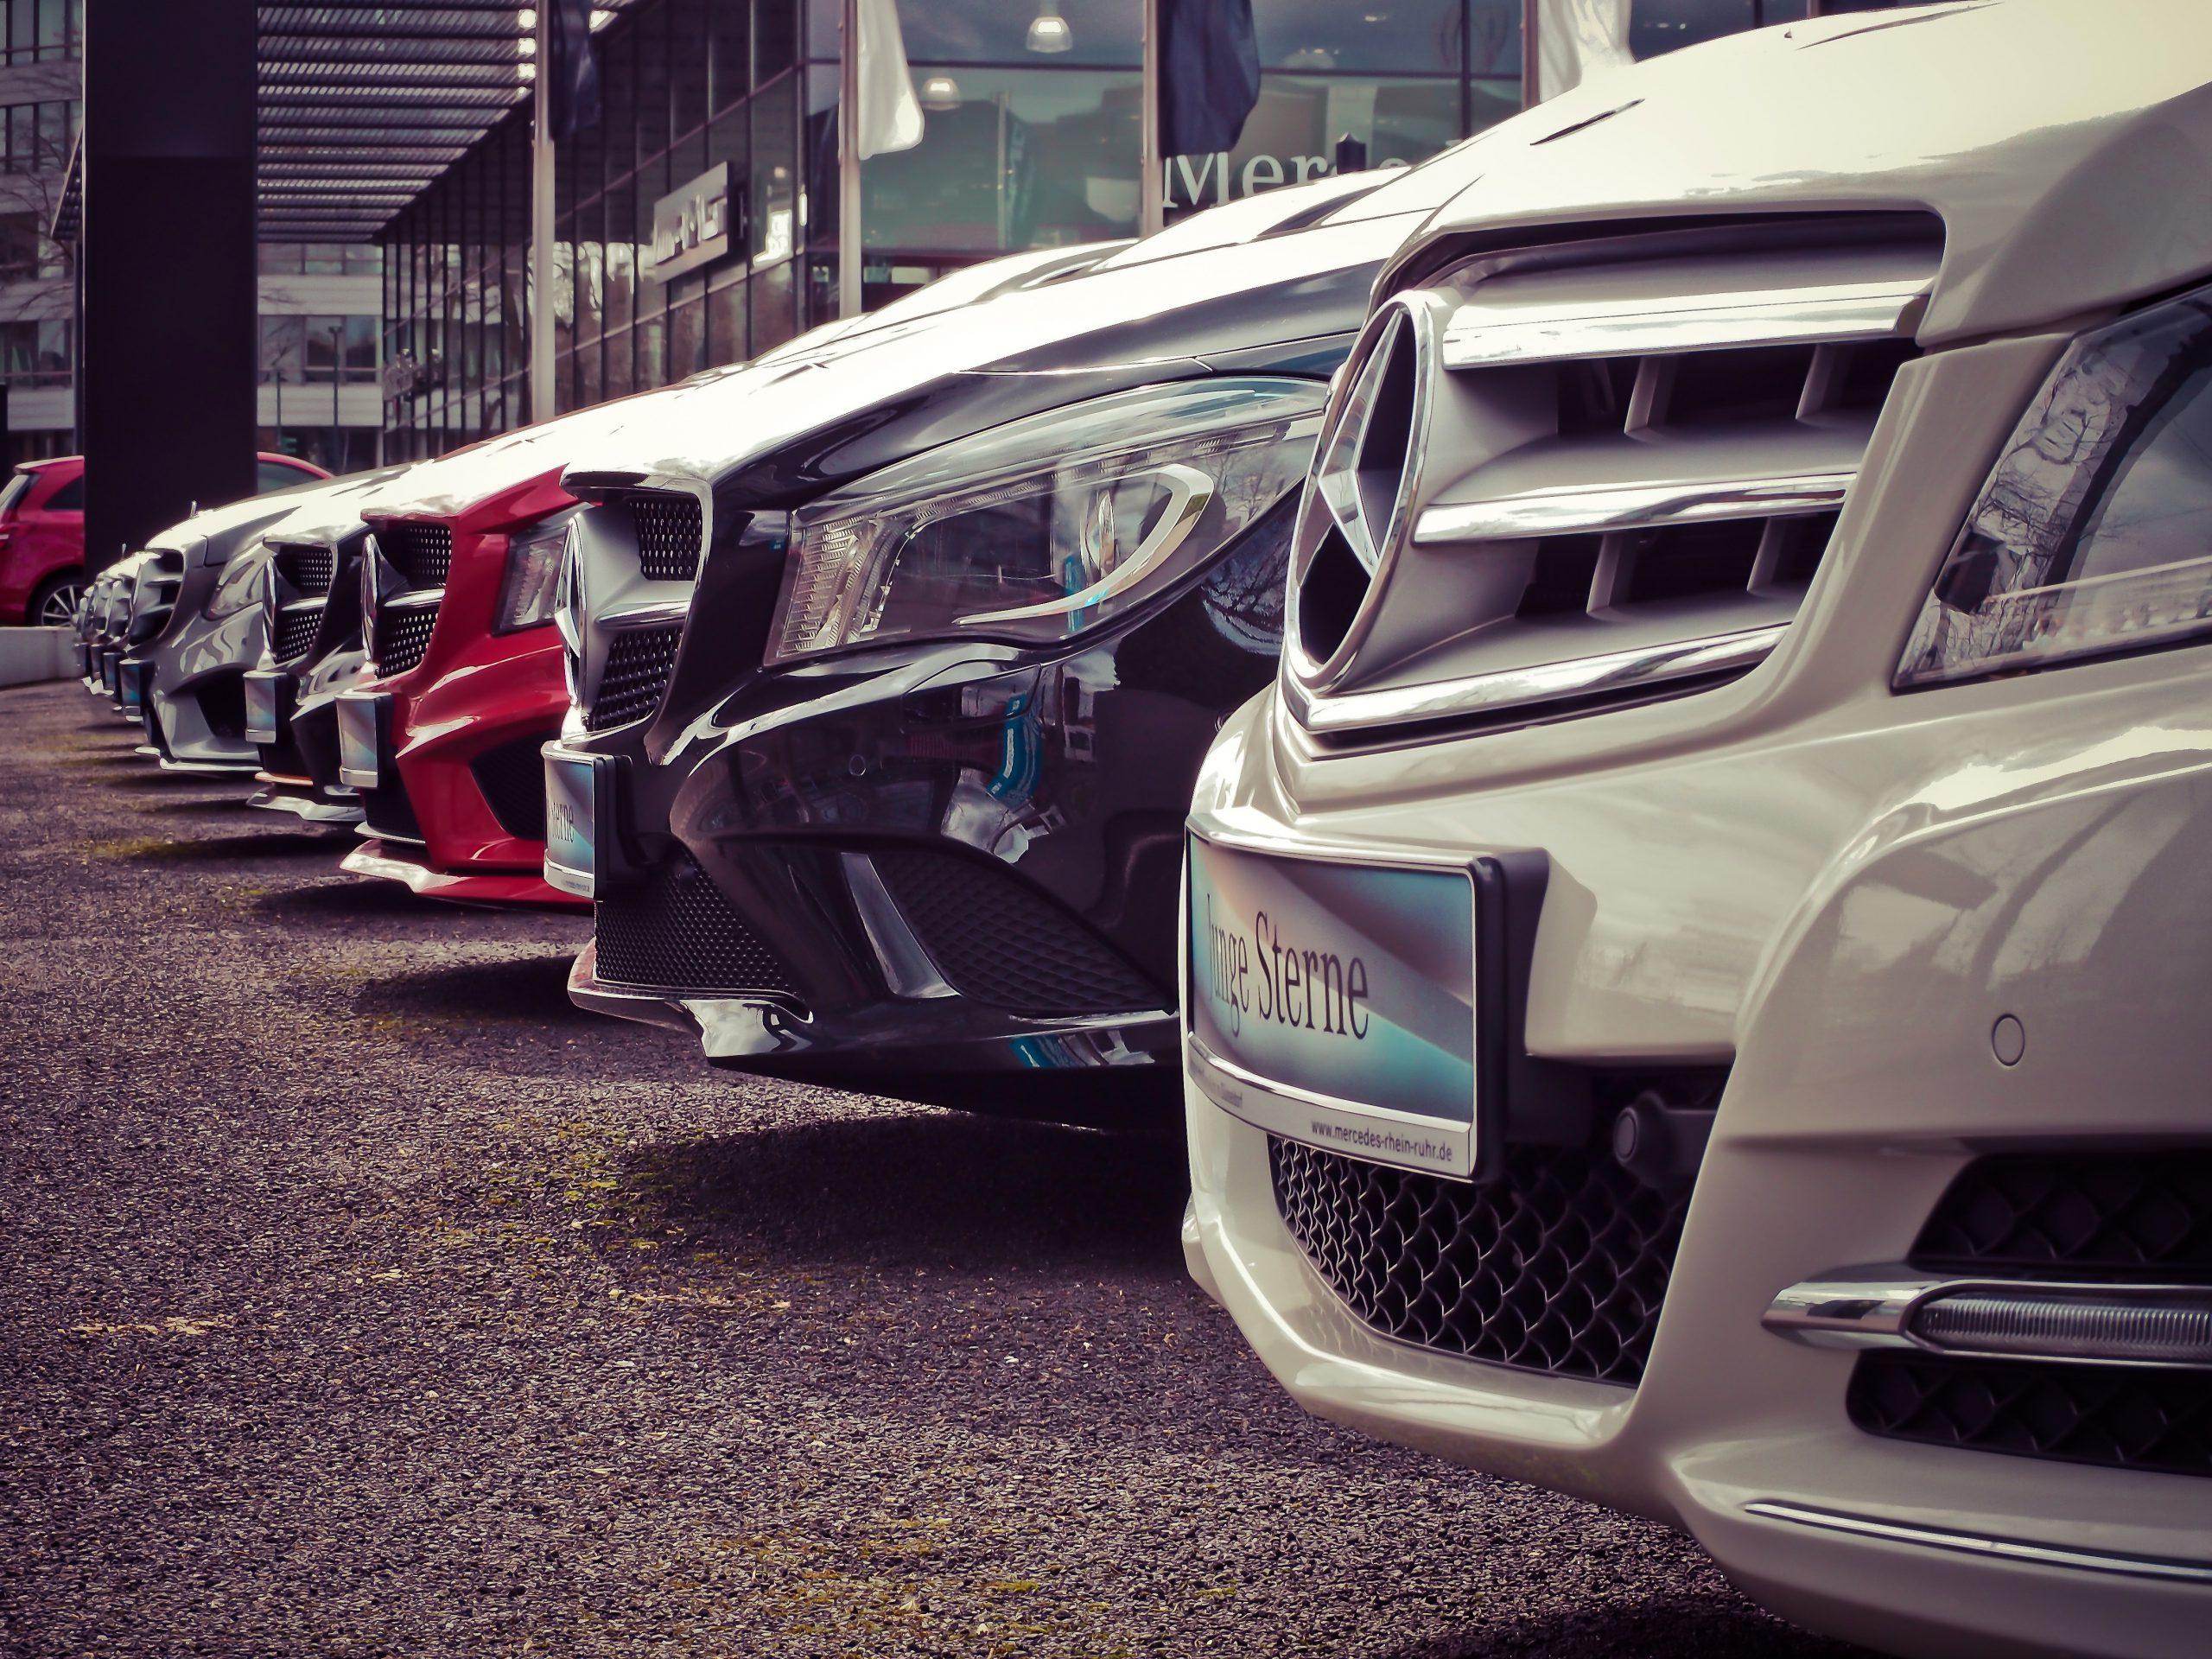 mercedes benz afbeelding van pexels op fsom magazine nieuwe auto kopen